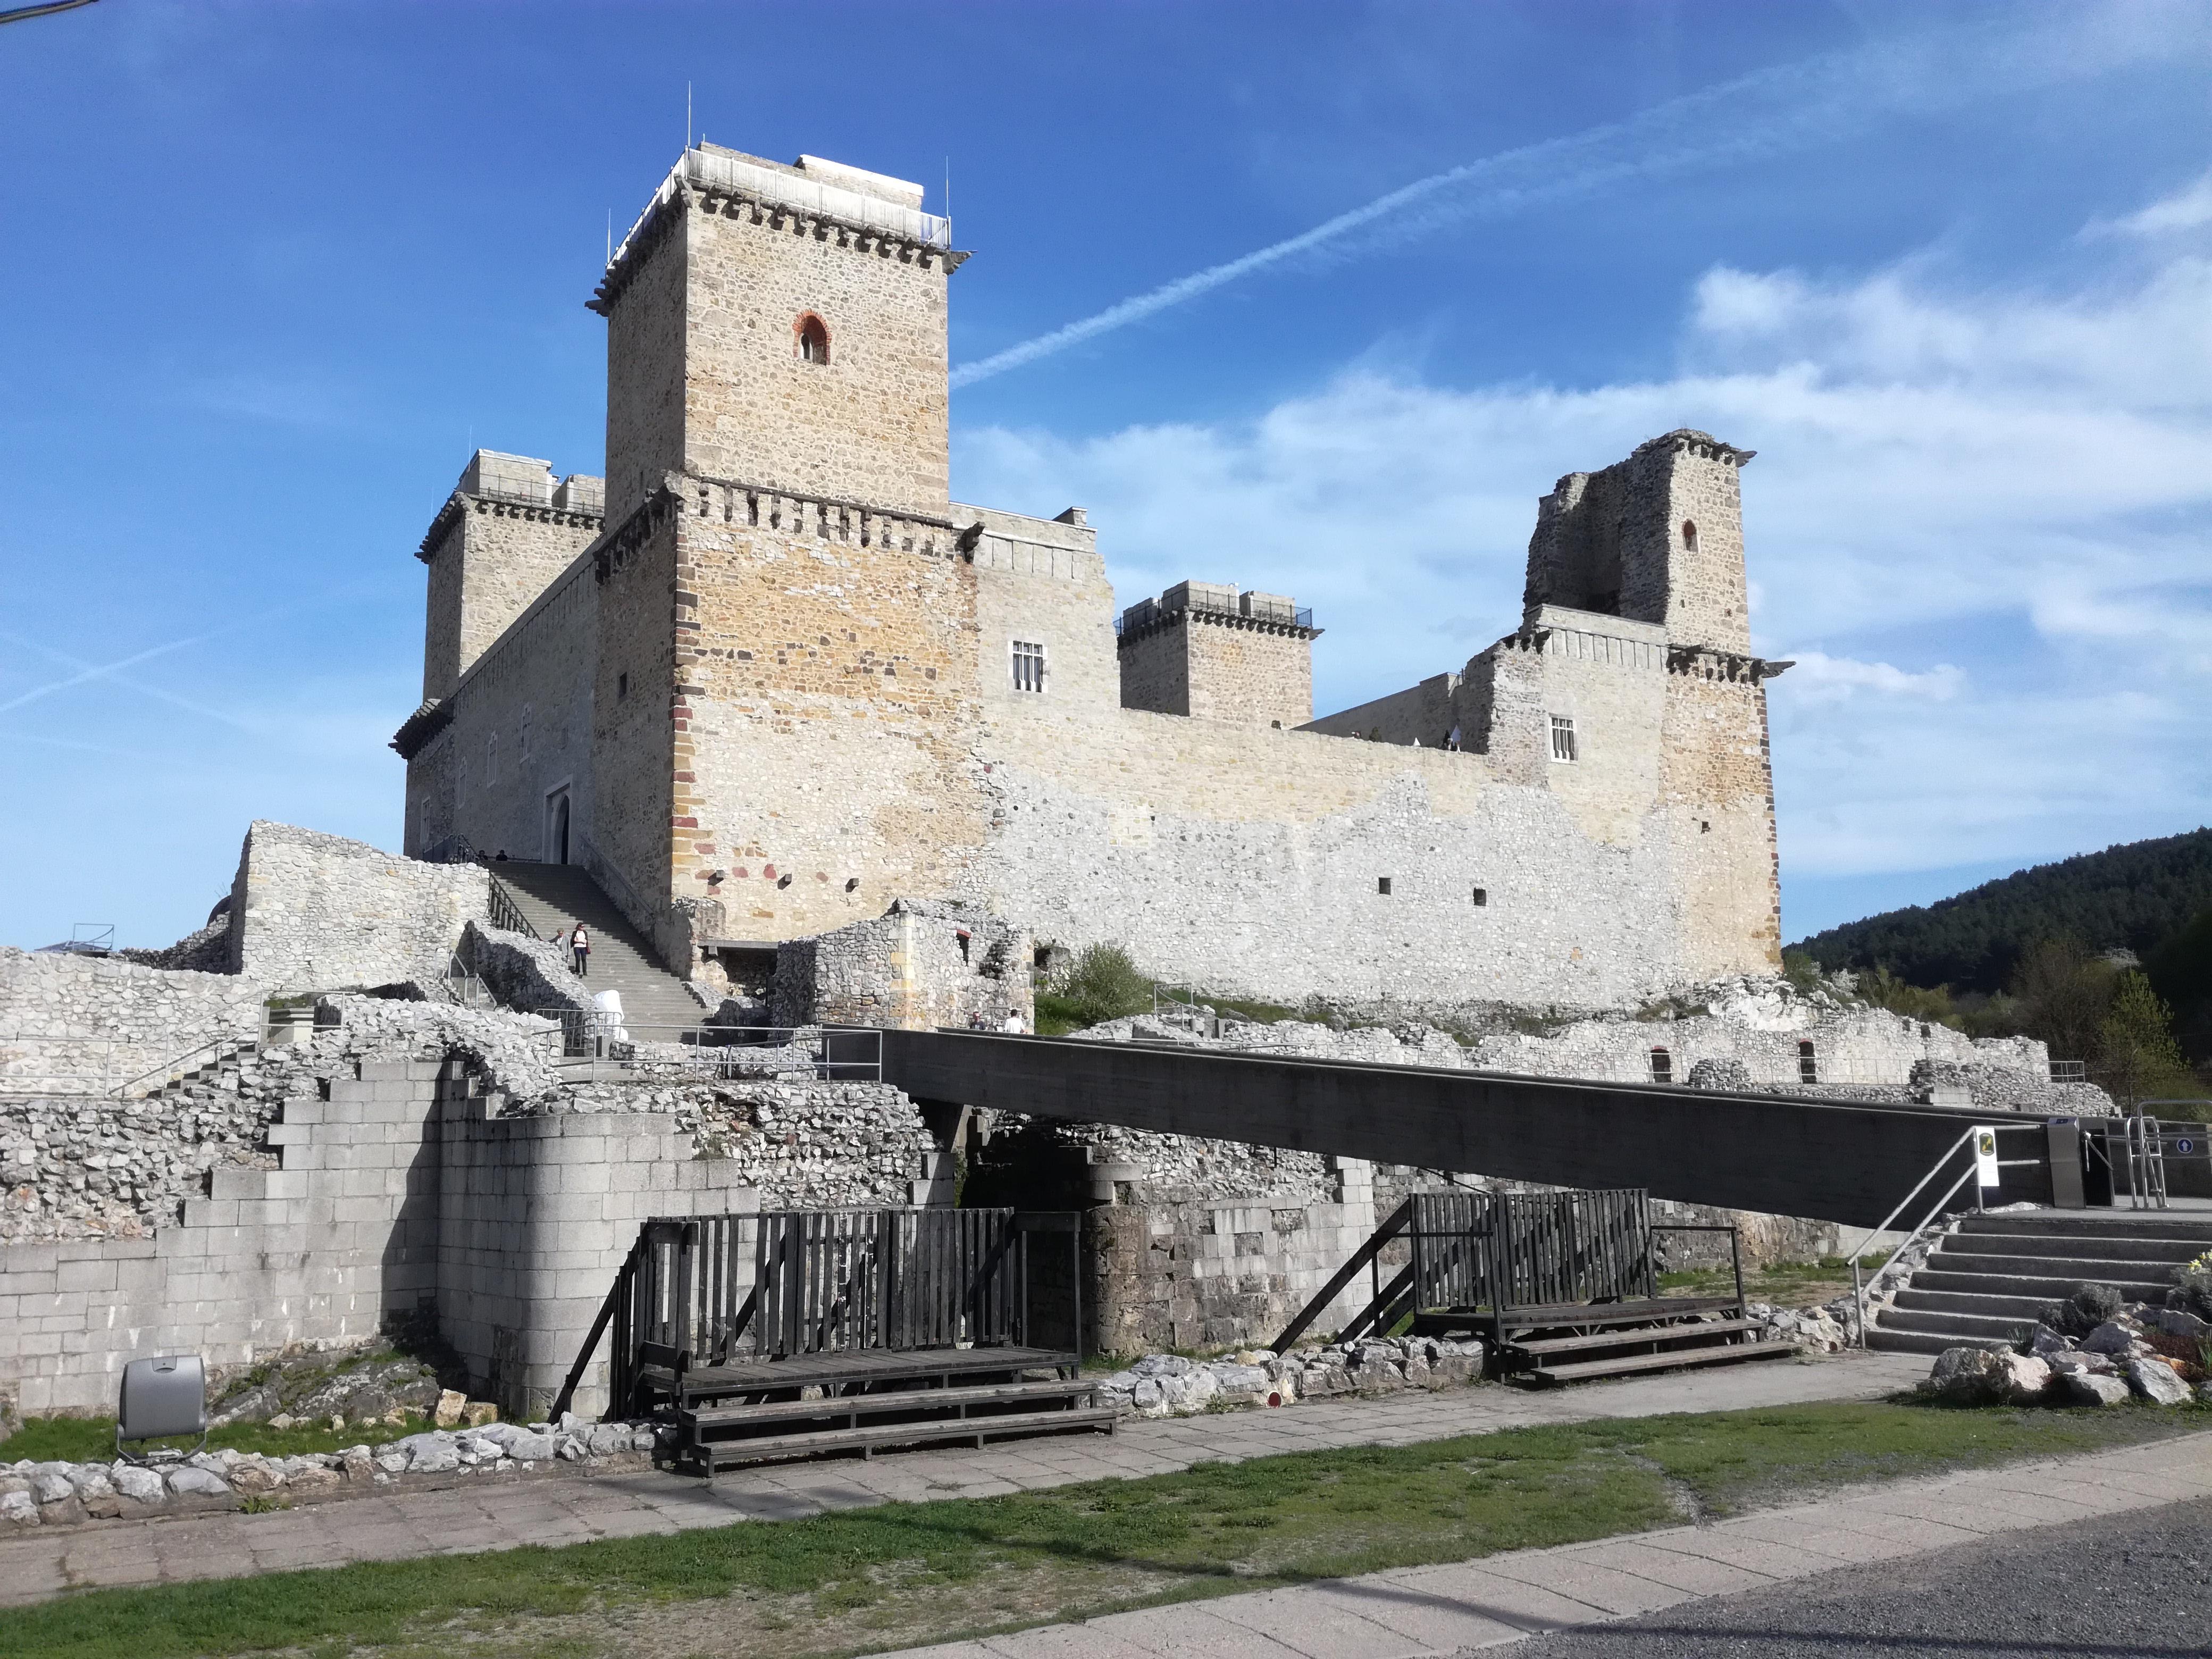 Diósgyőri vár. Elődje honfoglaláskori földvár, I. Nagy Lajos idejében várkastély, majd halála után a mohácsi csatavesztésig királynék (hat királyné) jegyajándéka volt. Pompázatos, lenyűgöző lehetett fénykorában.